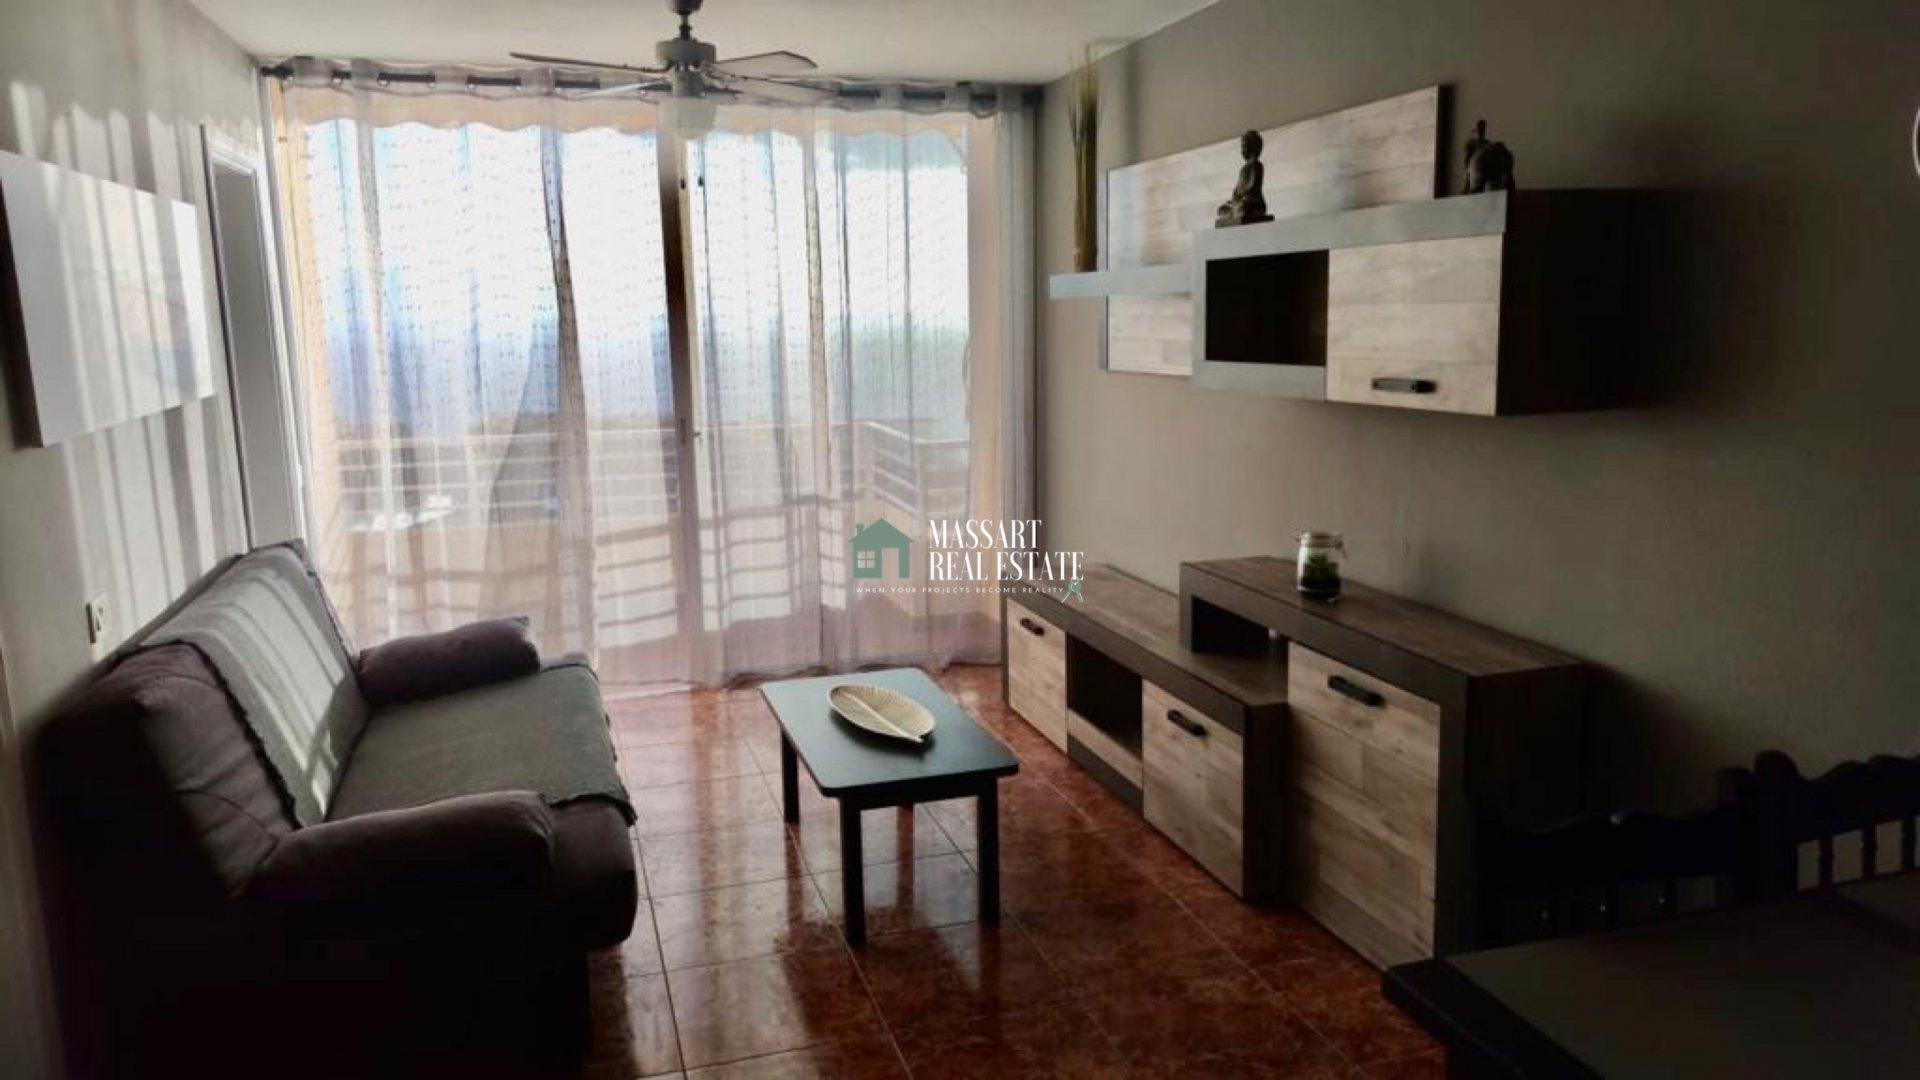 Appartement de 70 m2 entièrement meublé et récemment rénové avec une vue magnifique sur l'île de La Gomera et Los Acantilados de Los Gigantes.